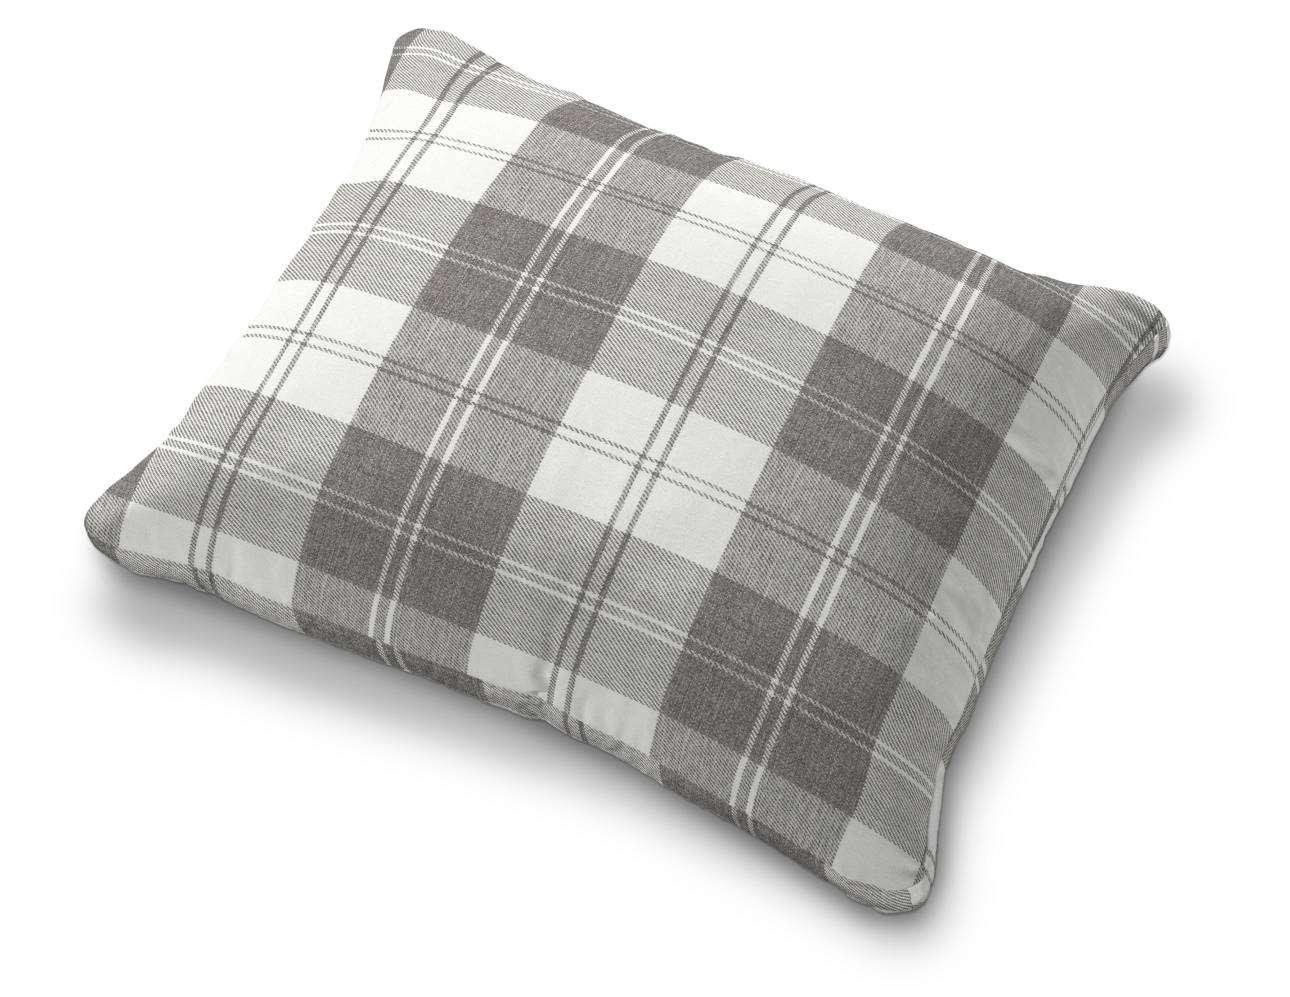 Poszewka na poduszkę Karlstad 58x48cm w kolekcji Edinburgh, tkanina: 115-79